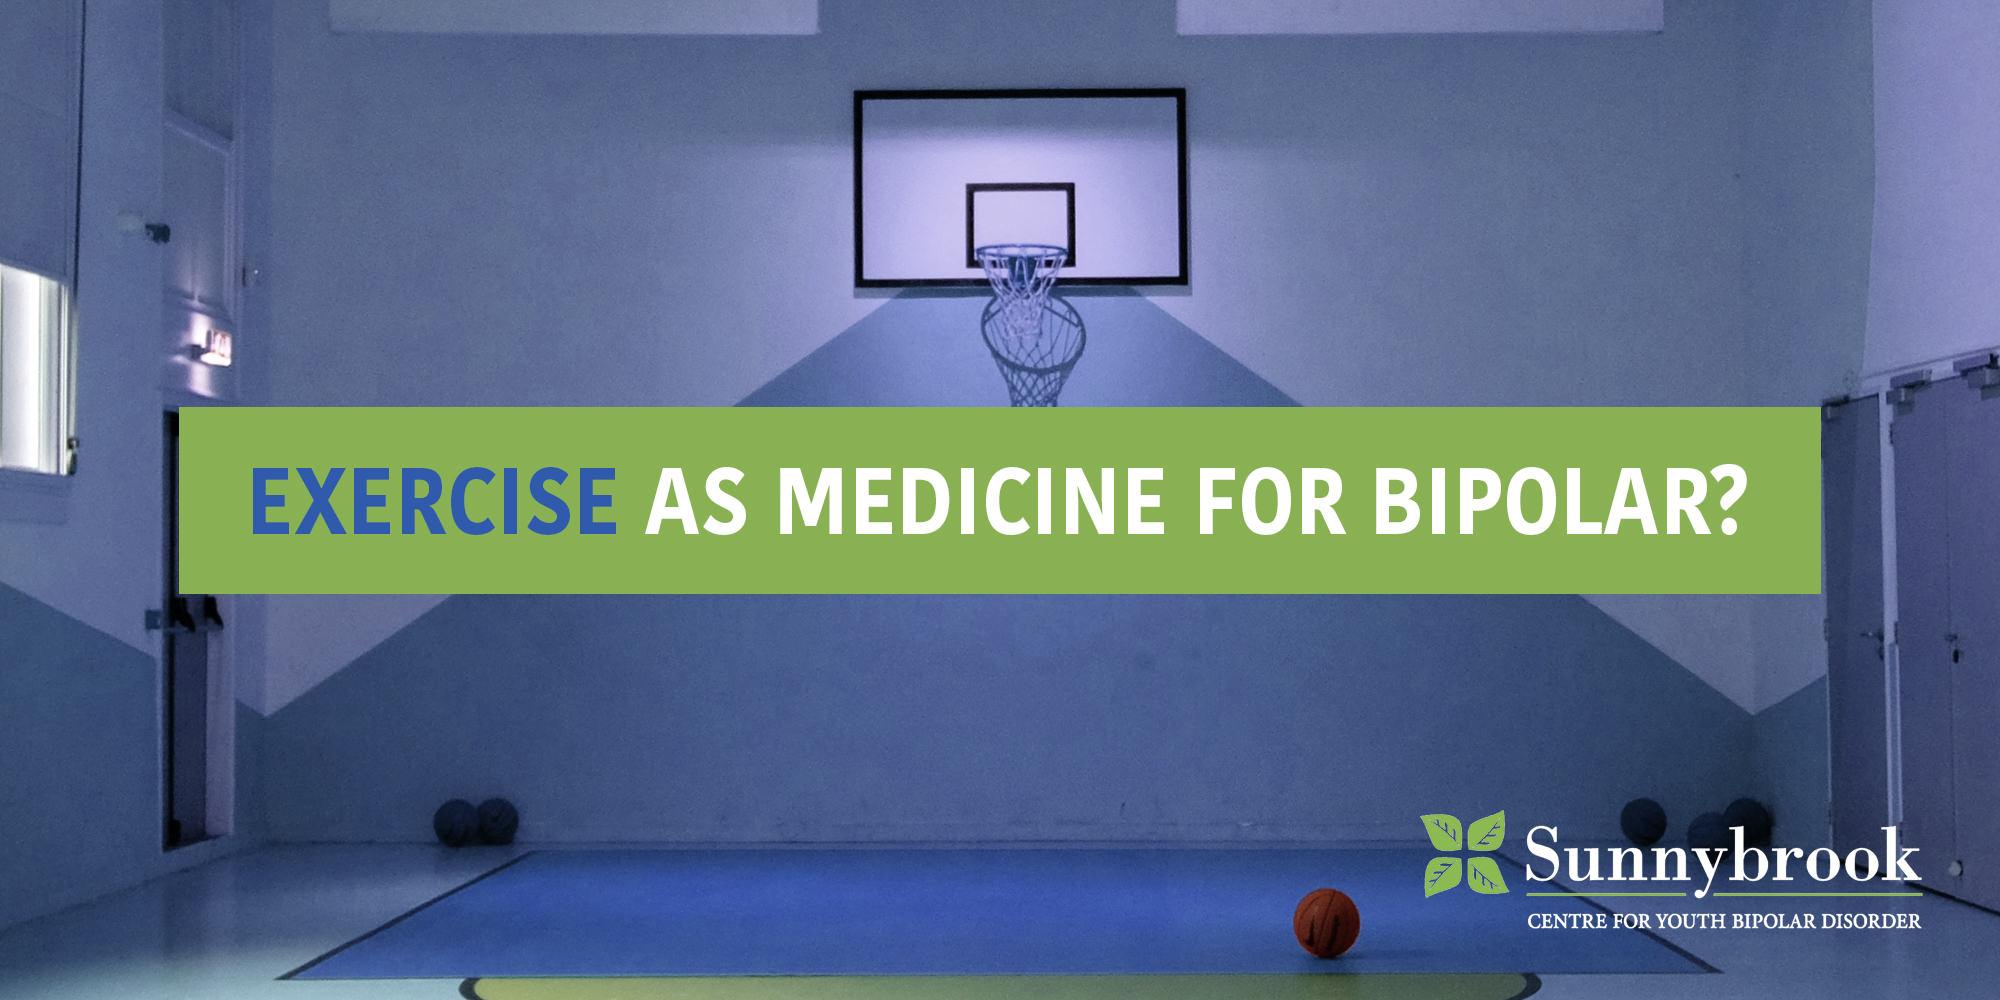 Toward Exercise as Medicine for Adolescents with Bipolar Disorder